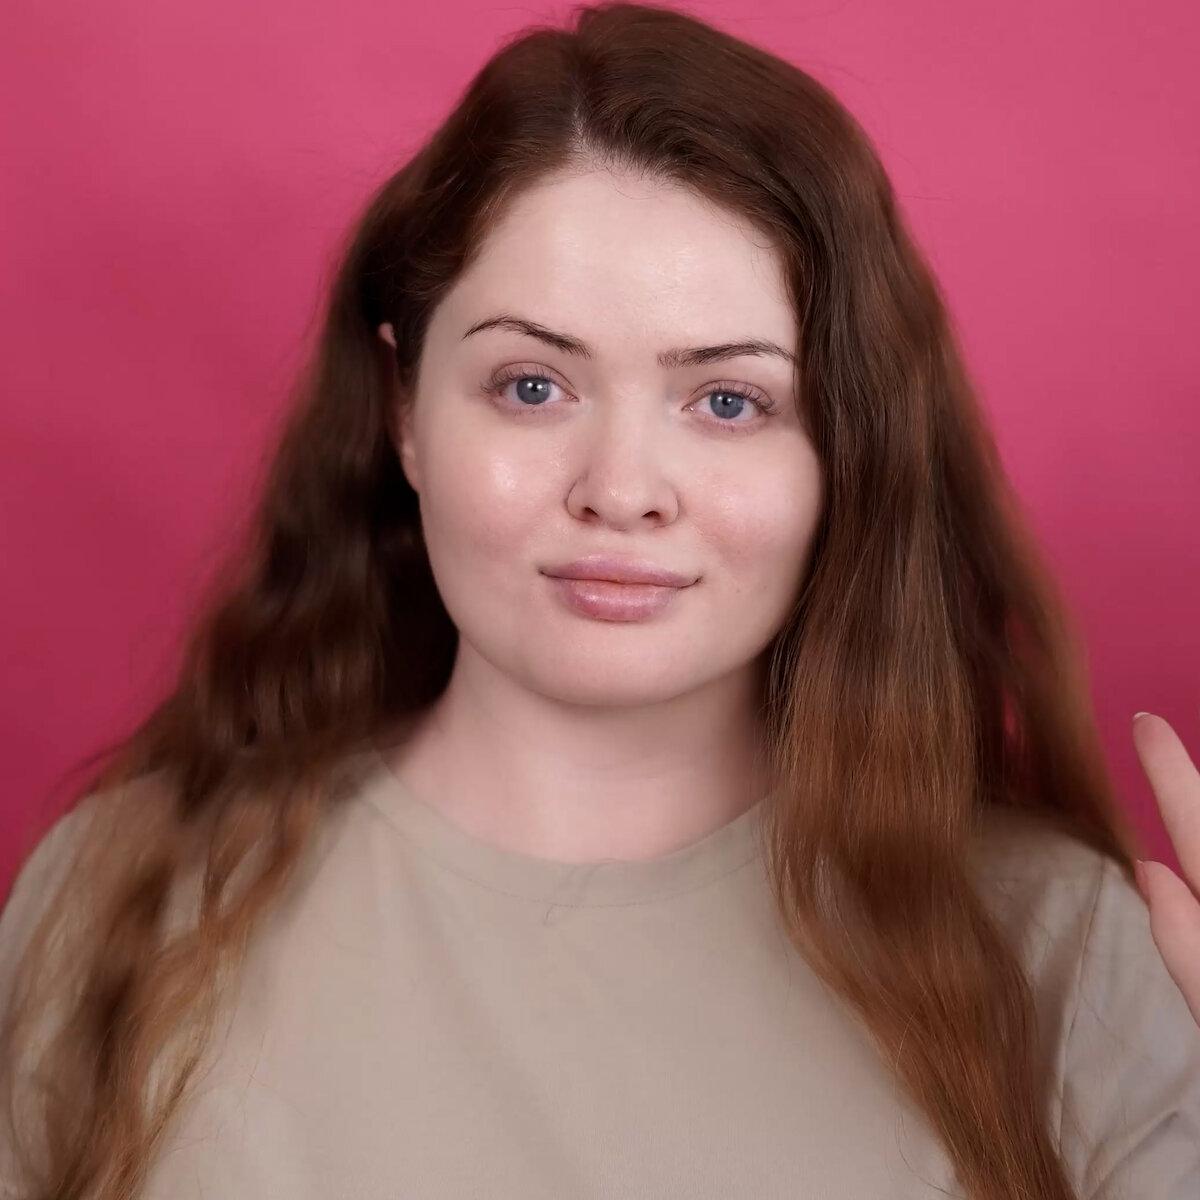 Самые омолаживающие приемы макияжа: показываю на себе как это работает До, После и Поэтапно в фотографиях!